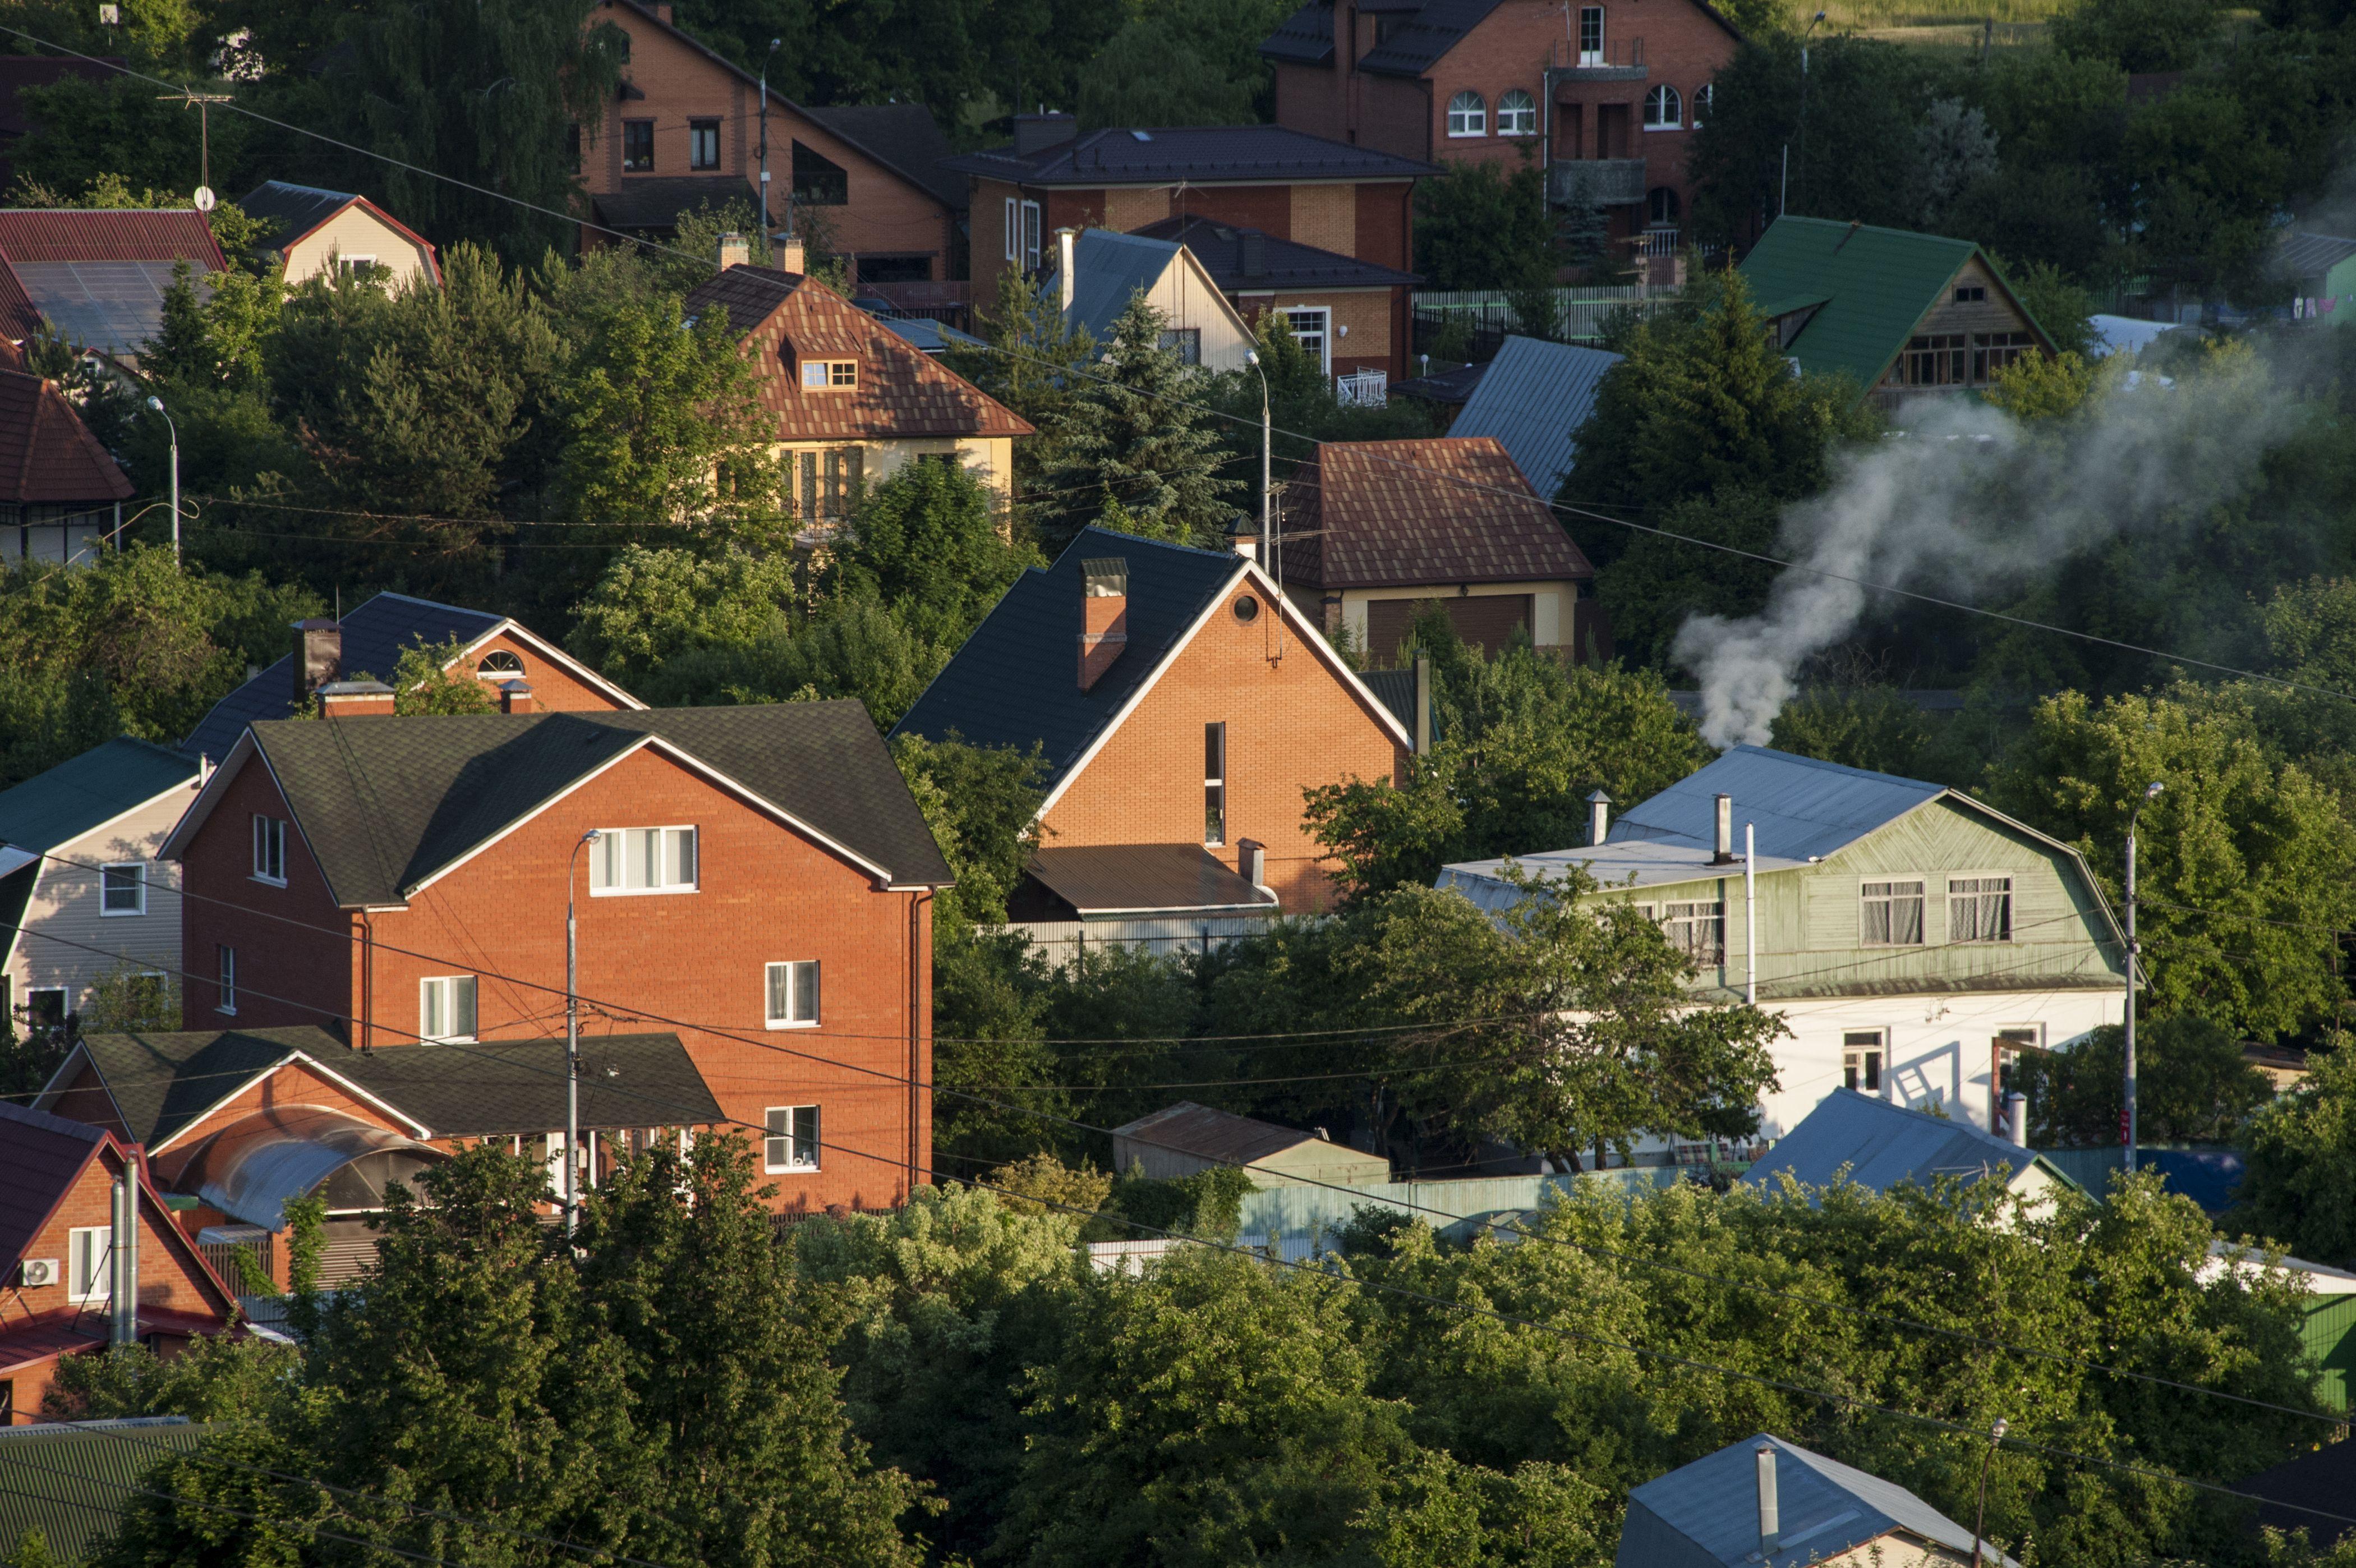 Москва отправила 16 тысяч партий дров для пожилых дачников